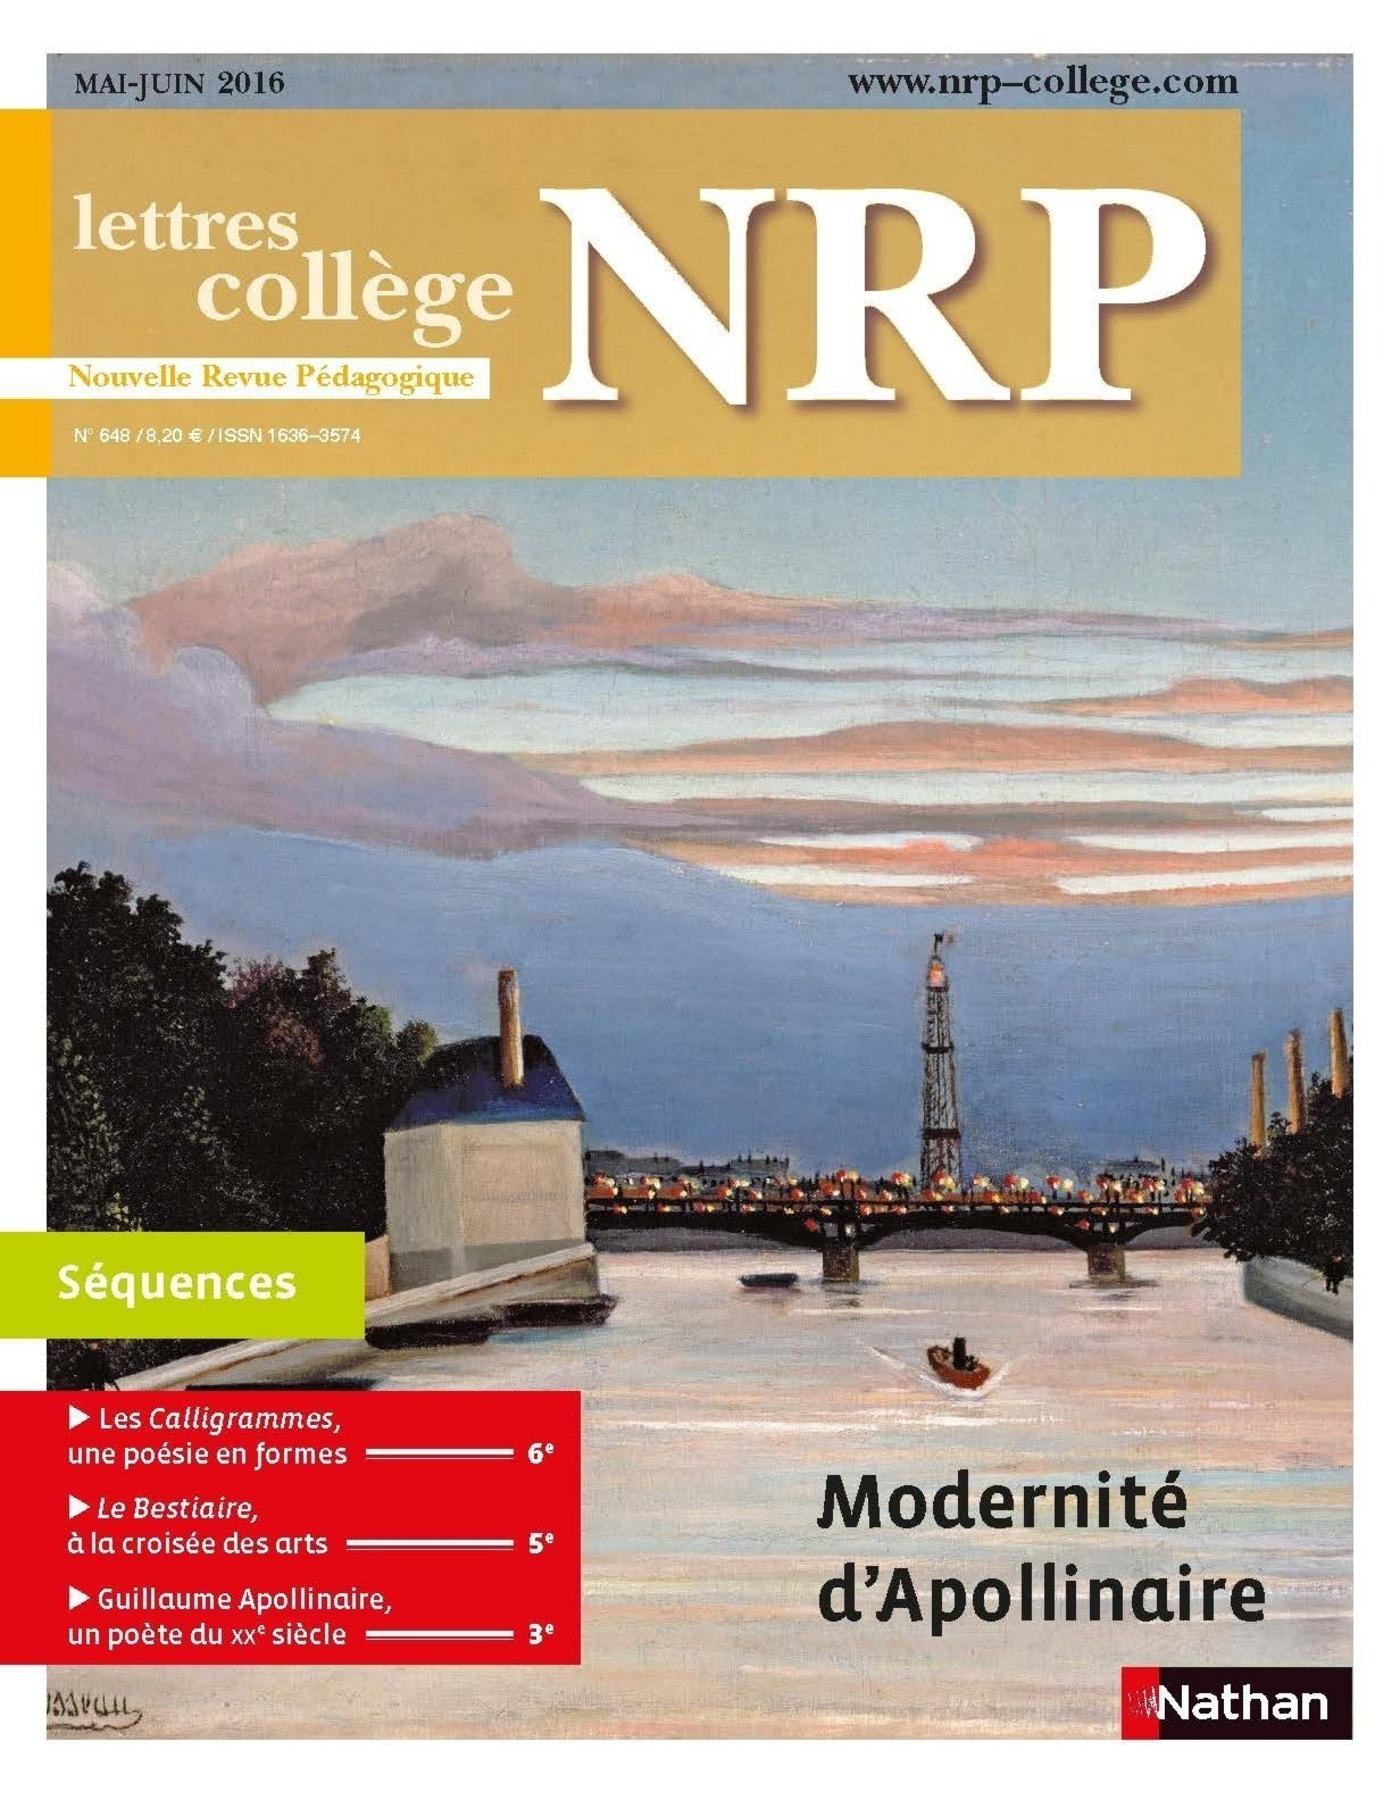 NRP Collège - Modernité d'Apollinaire - Mai-Juin 2016 (Format PDF)